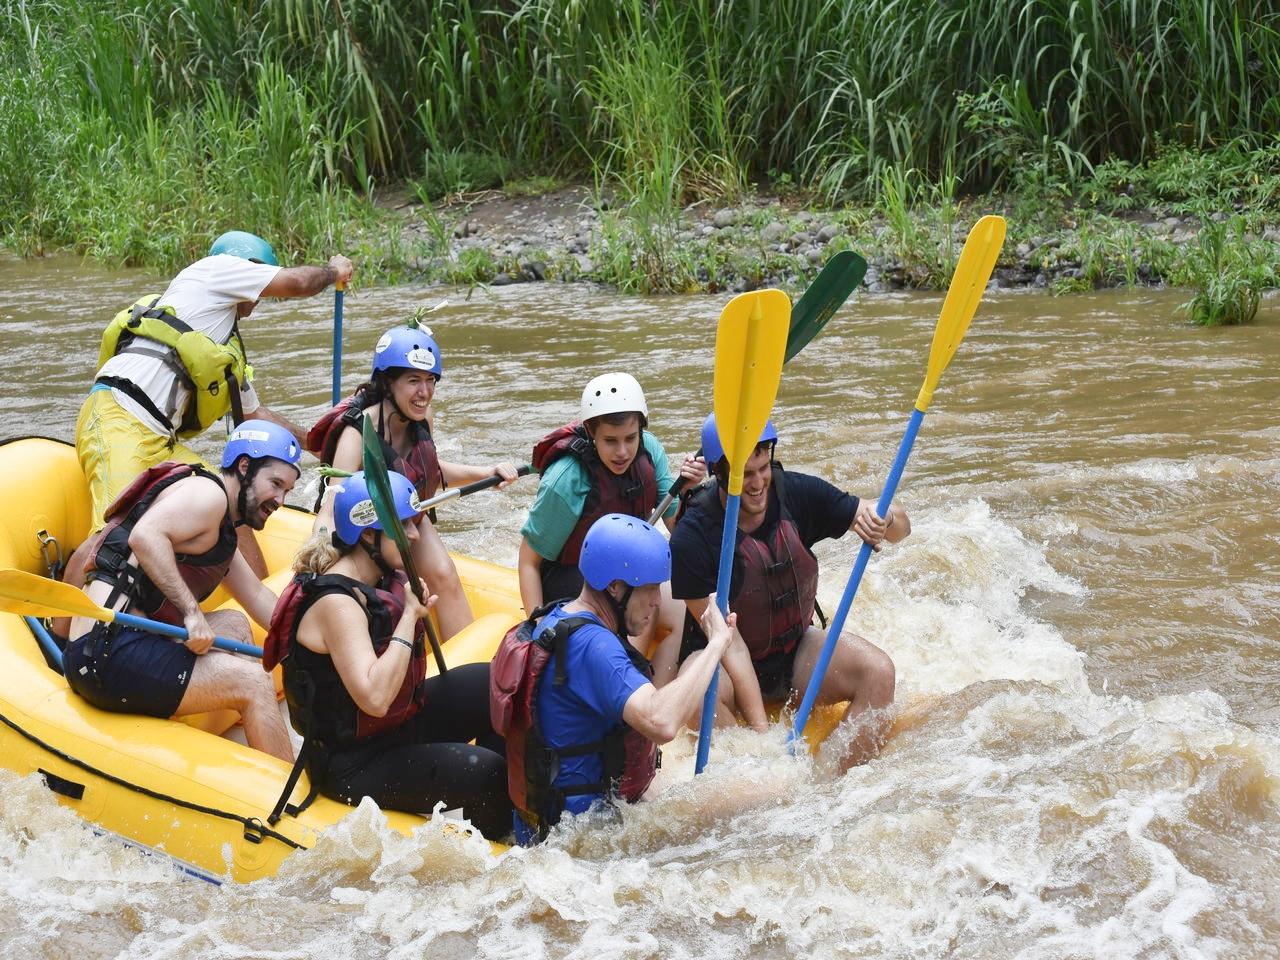 ¡Que volcamos! Cómo me reí haciendo rafting en Arenal.